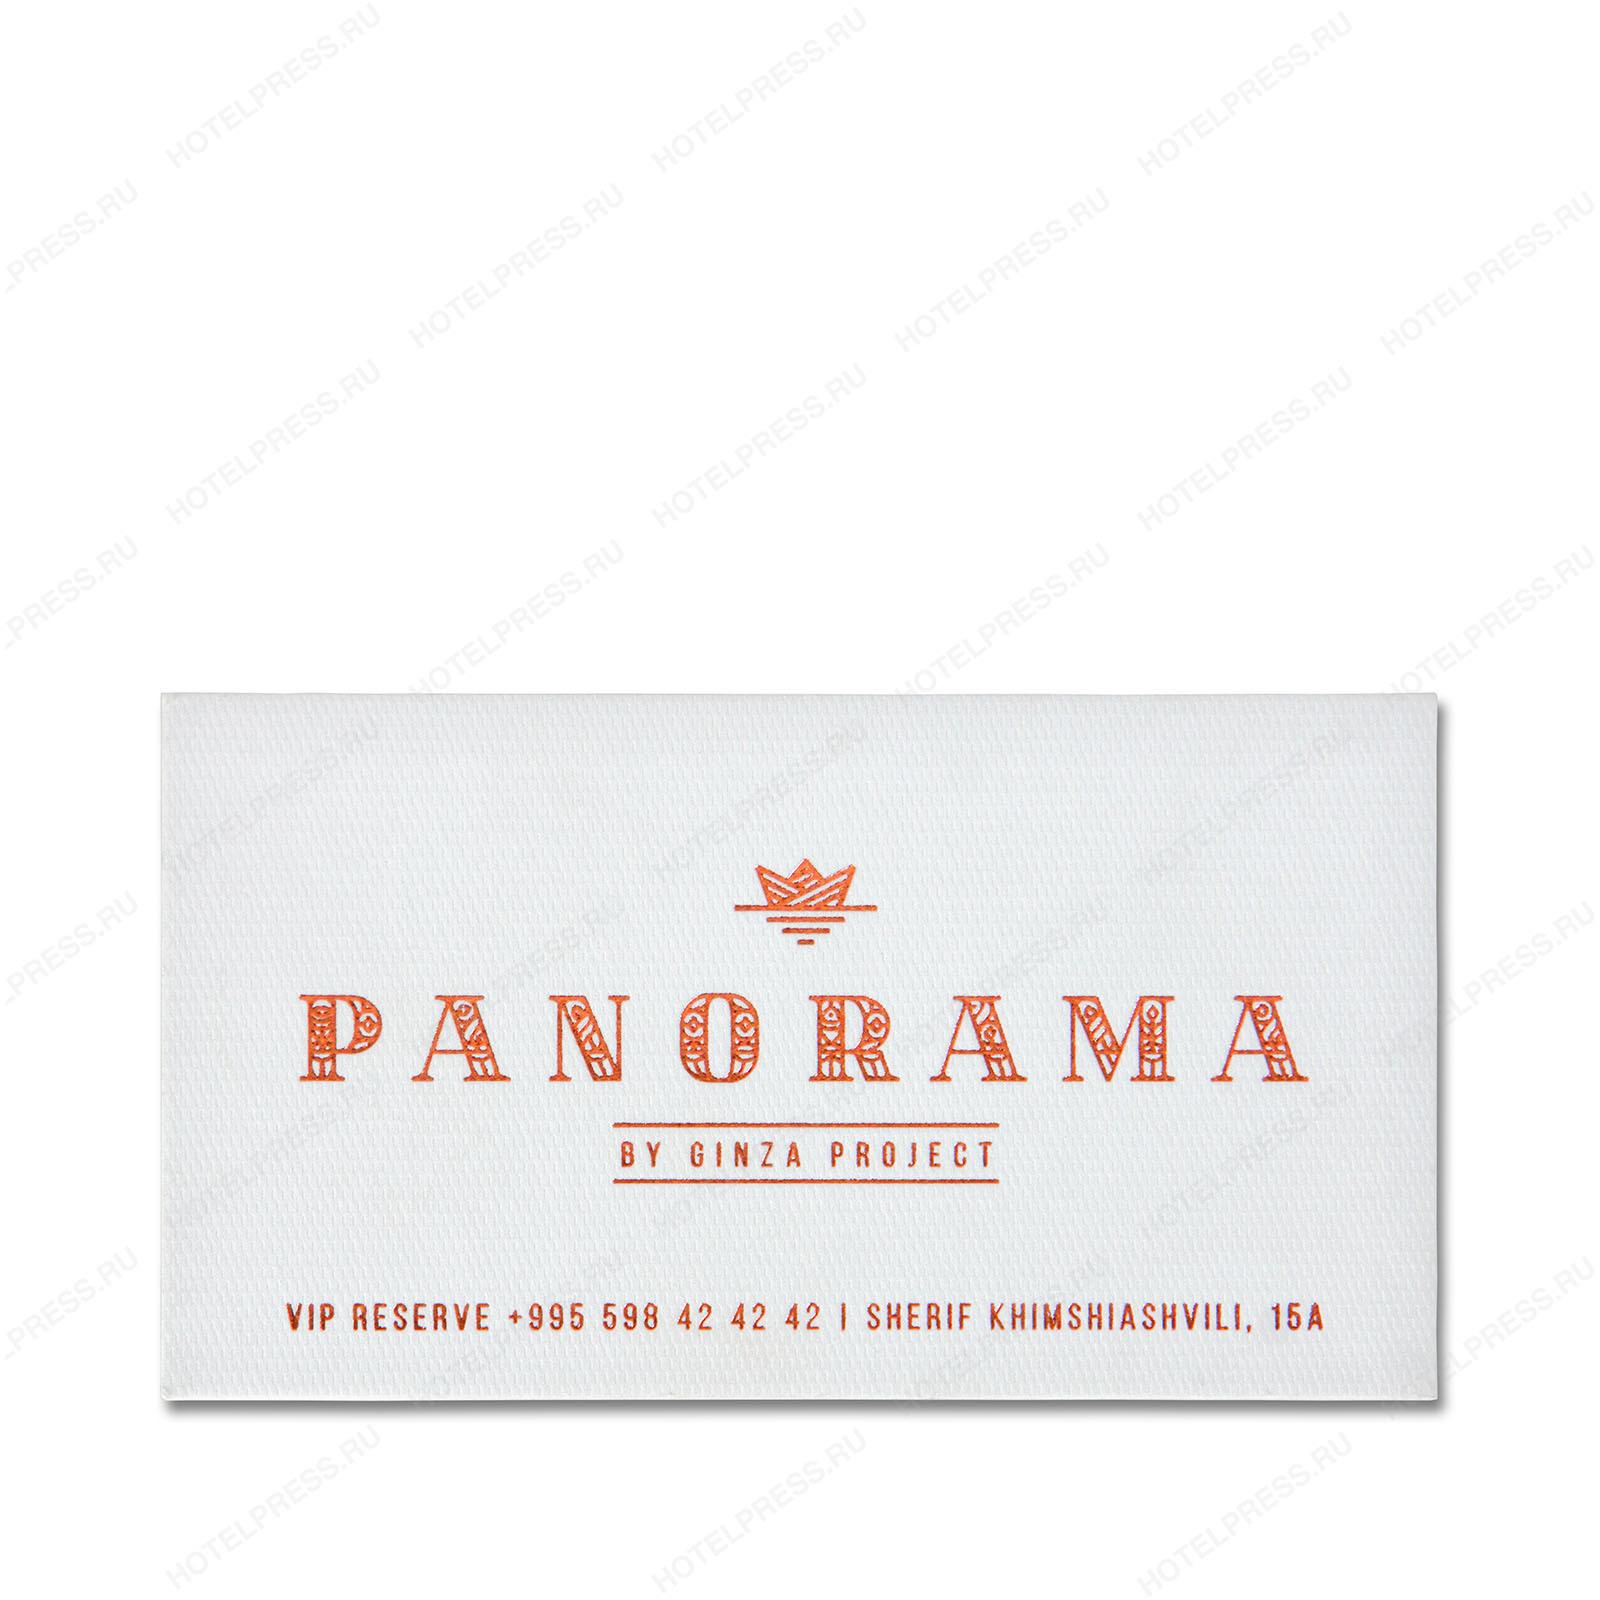 Имиджевая визитная карточка Panorama с тиснением орнамента во всю площадь оборота